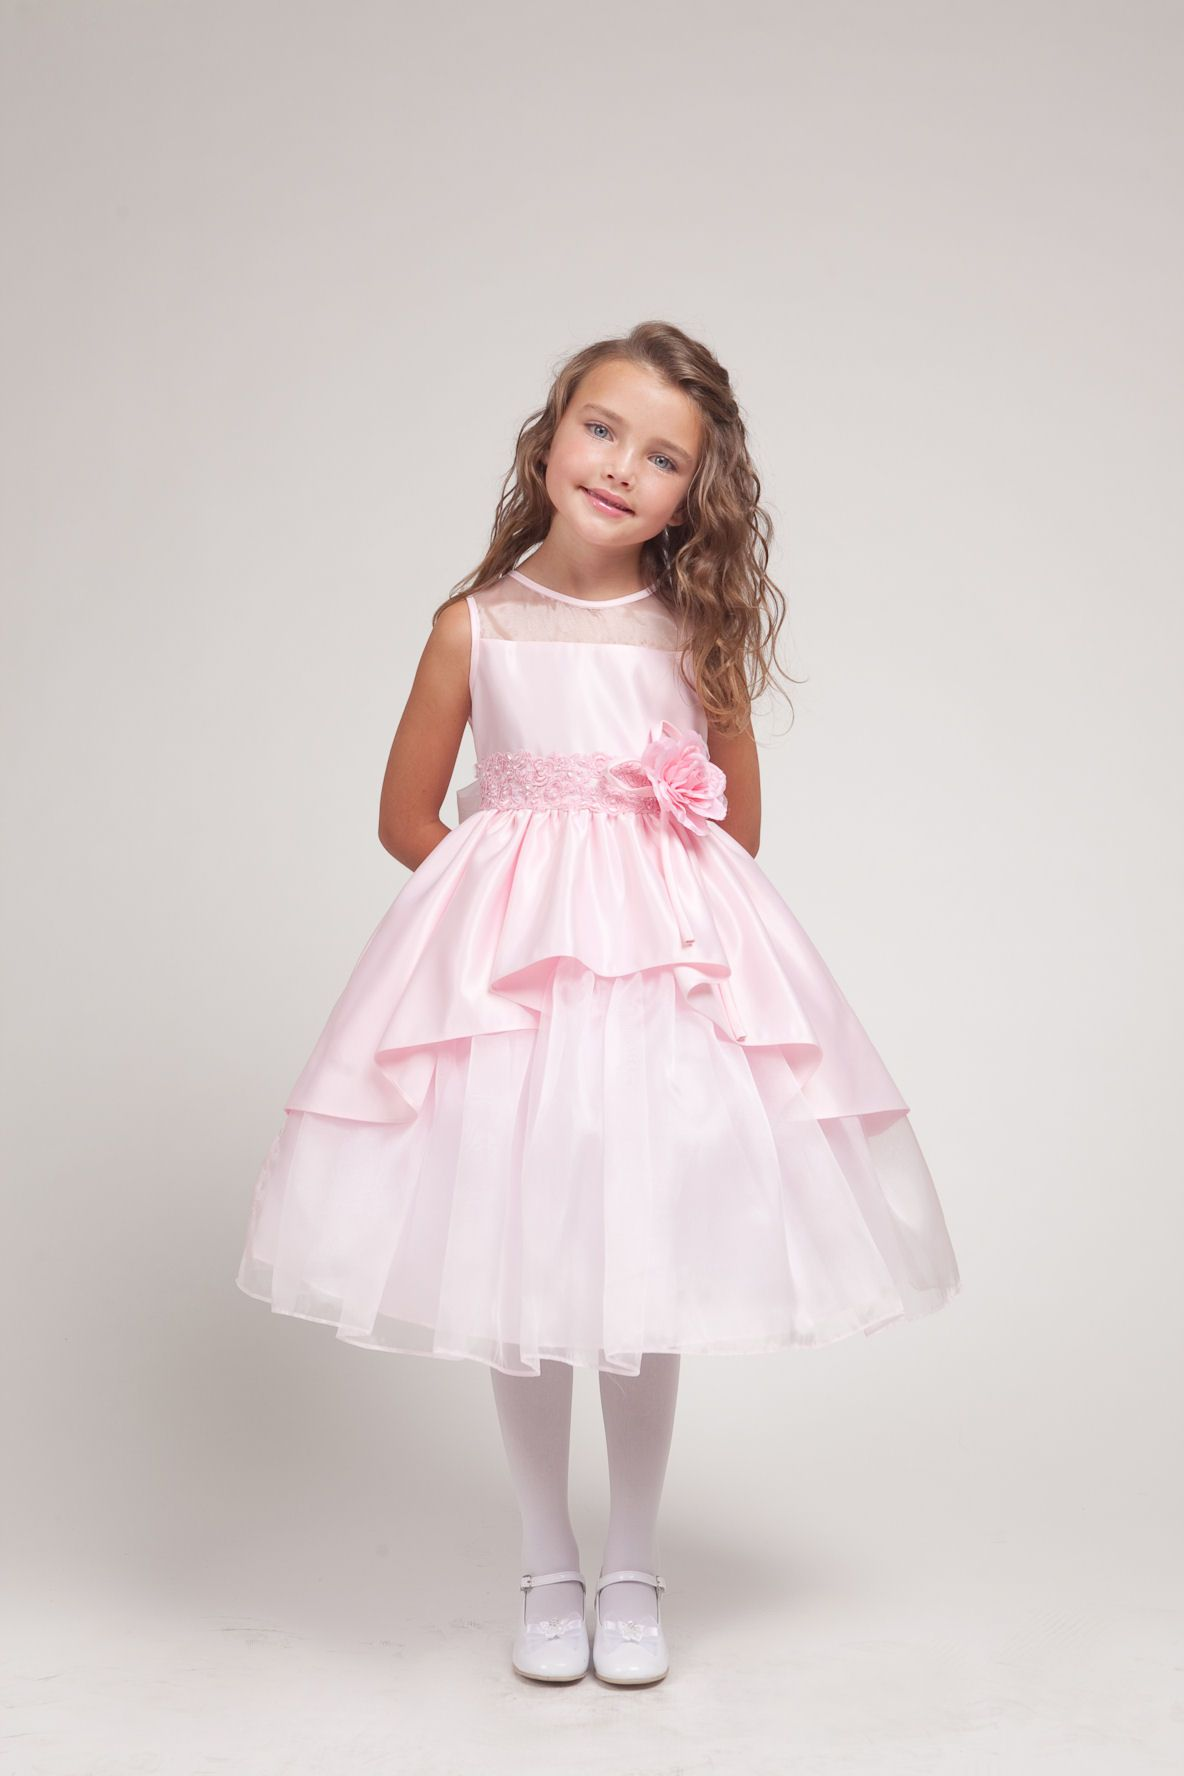 Pink flower girl dresses uk wallpaper bello vestido para ponerse pink flower girl dresses uk wallpaper mightylinksfo